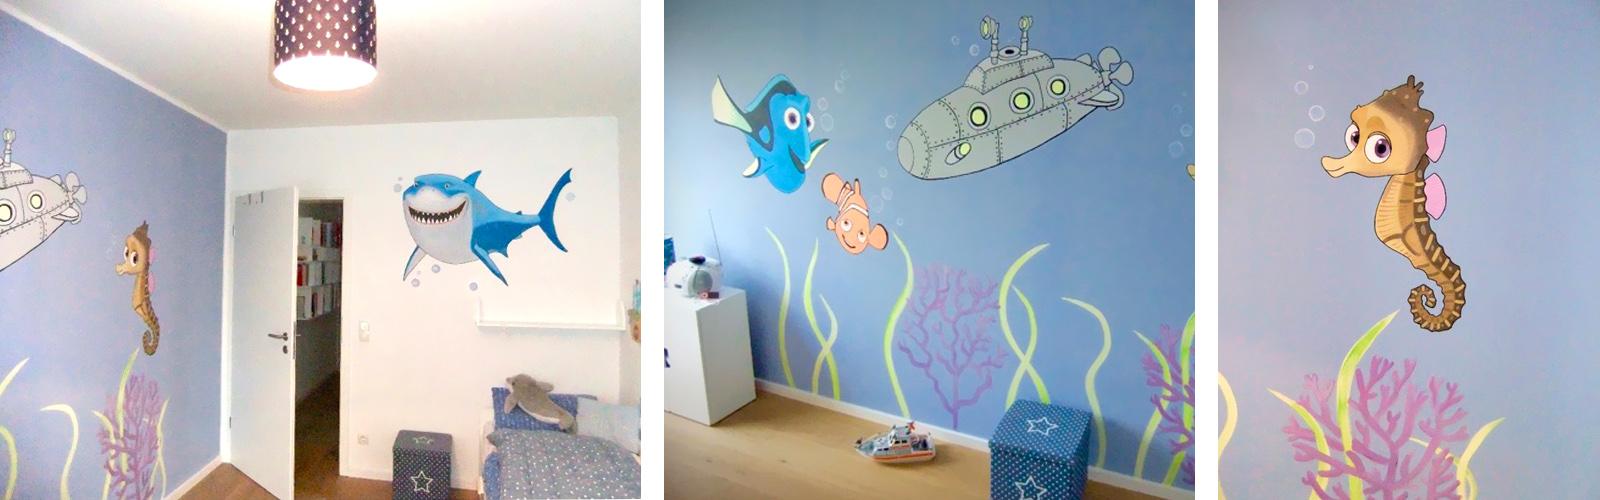 Sweetwall - Wunschmotive für Deine Wand. Wandmalerei für ...